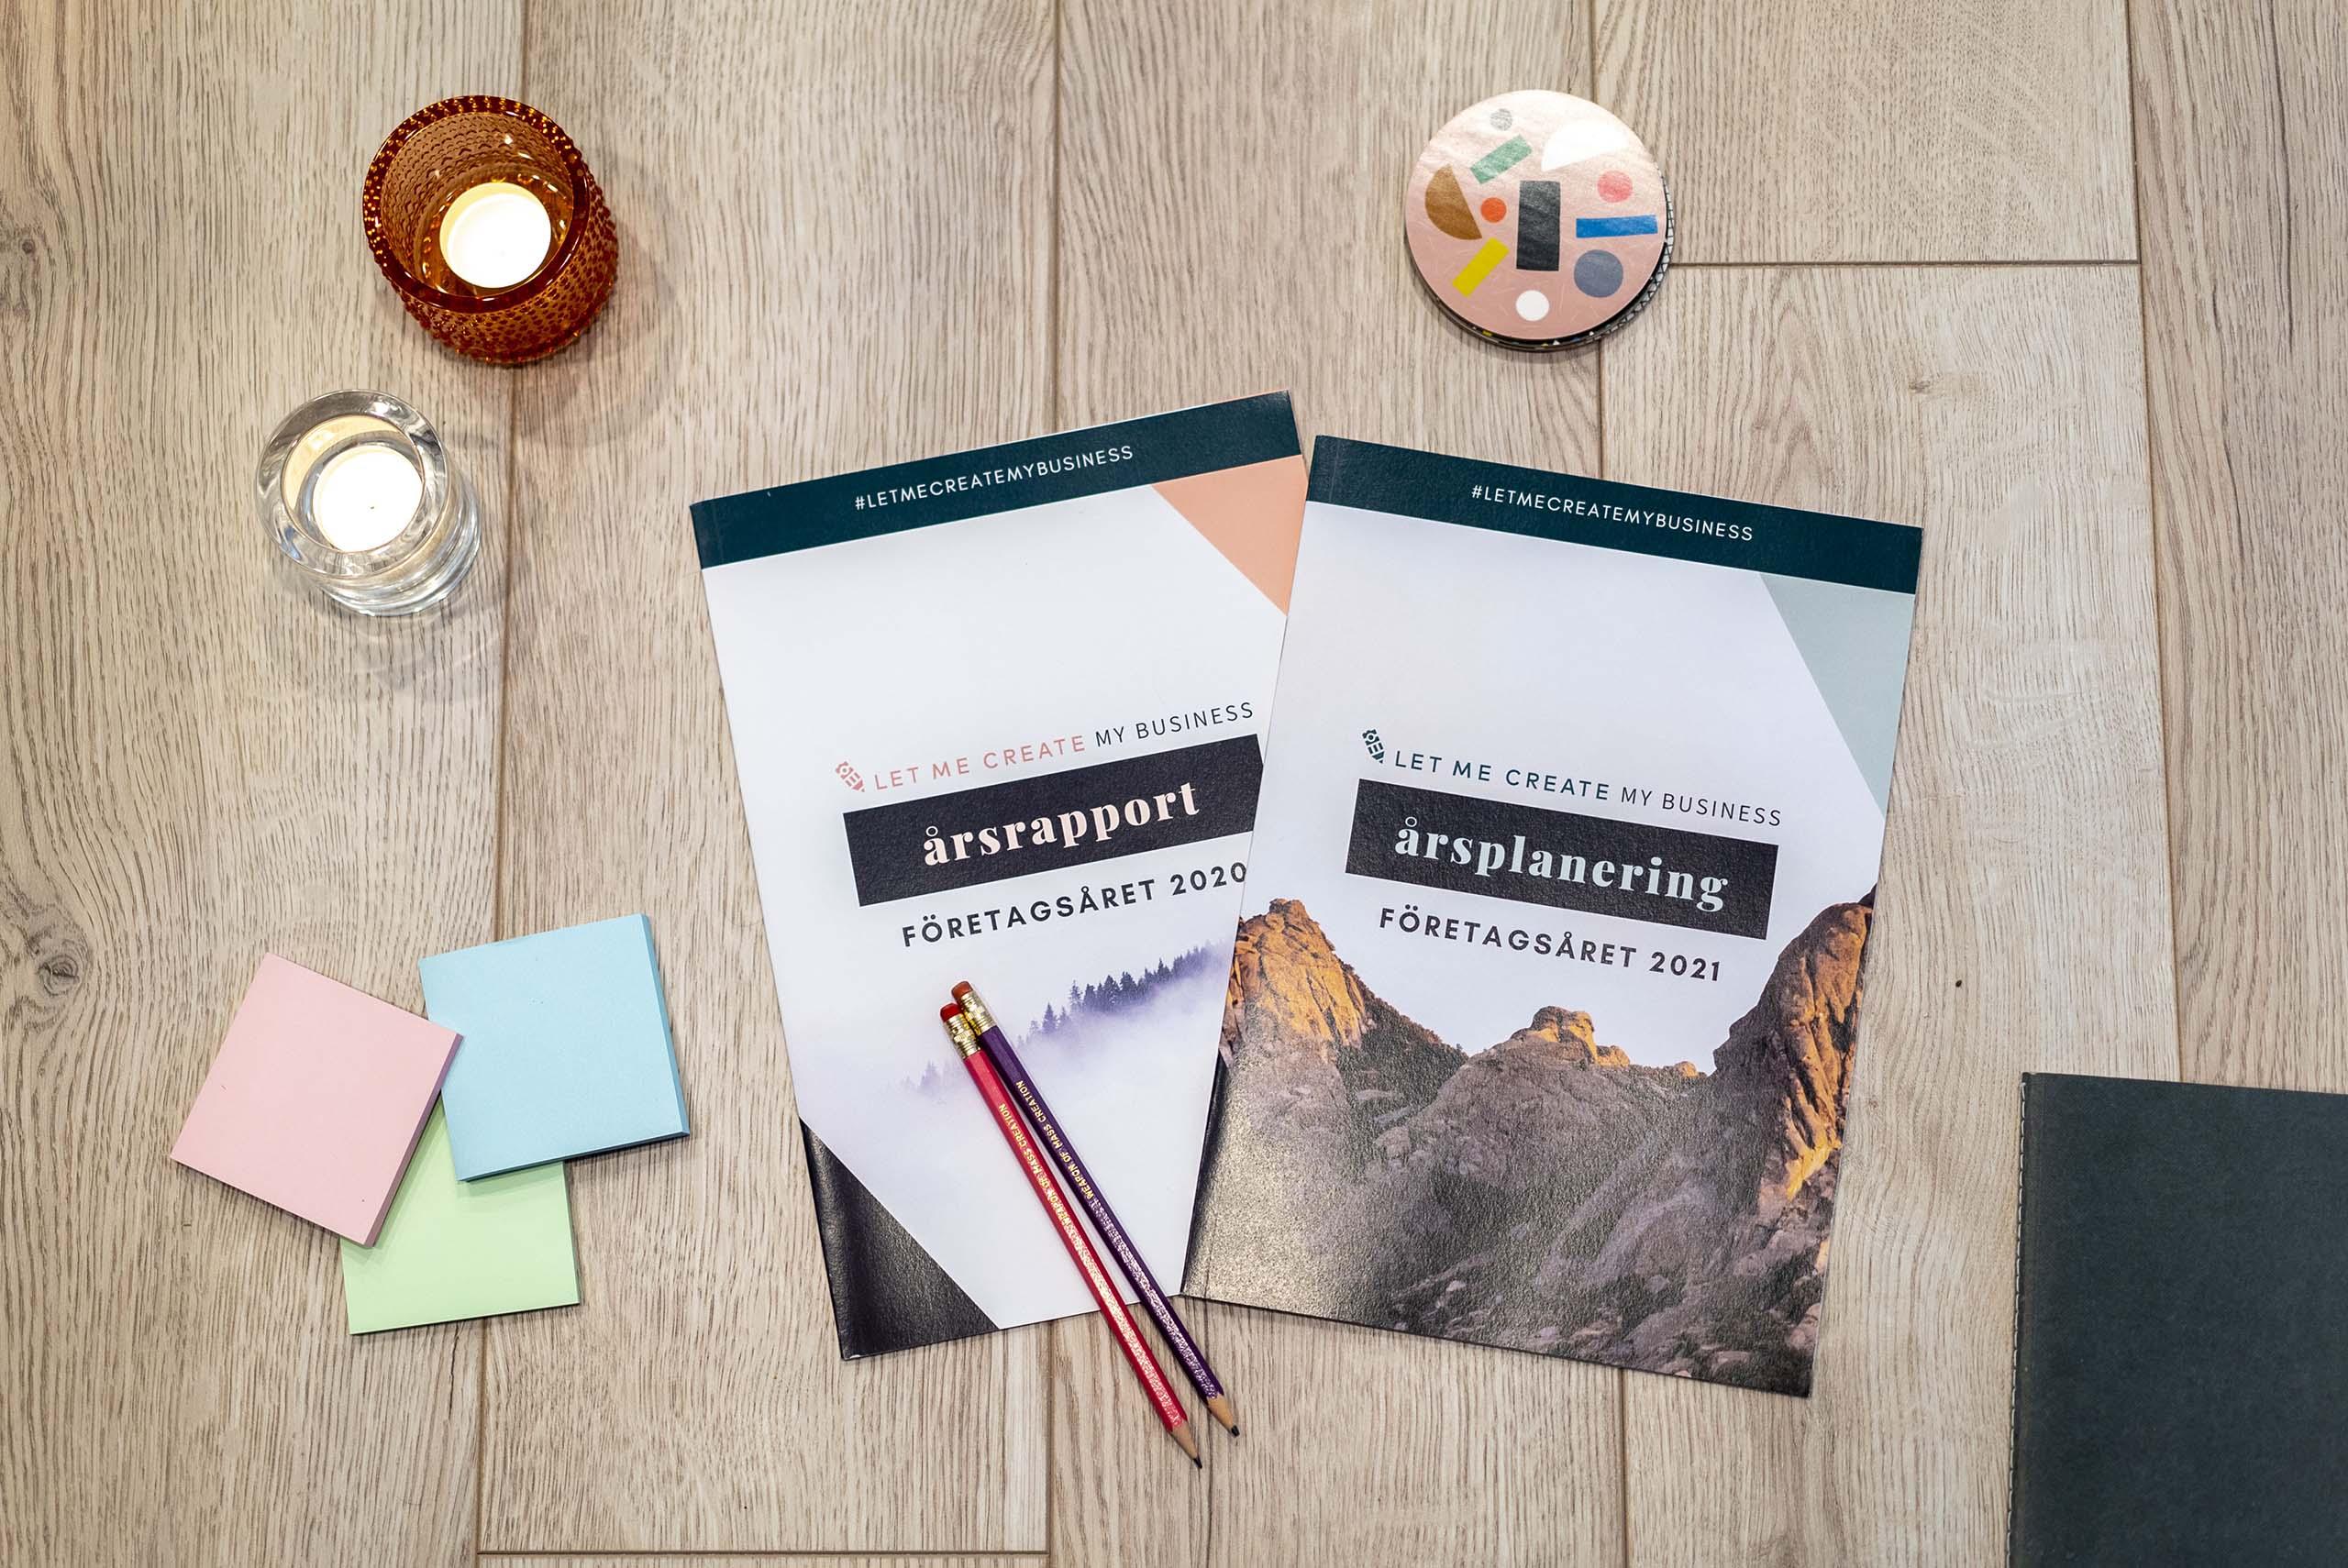 Årsplaneringen och Årsrapporten av Let me Create